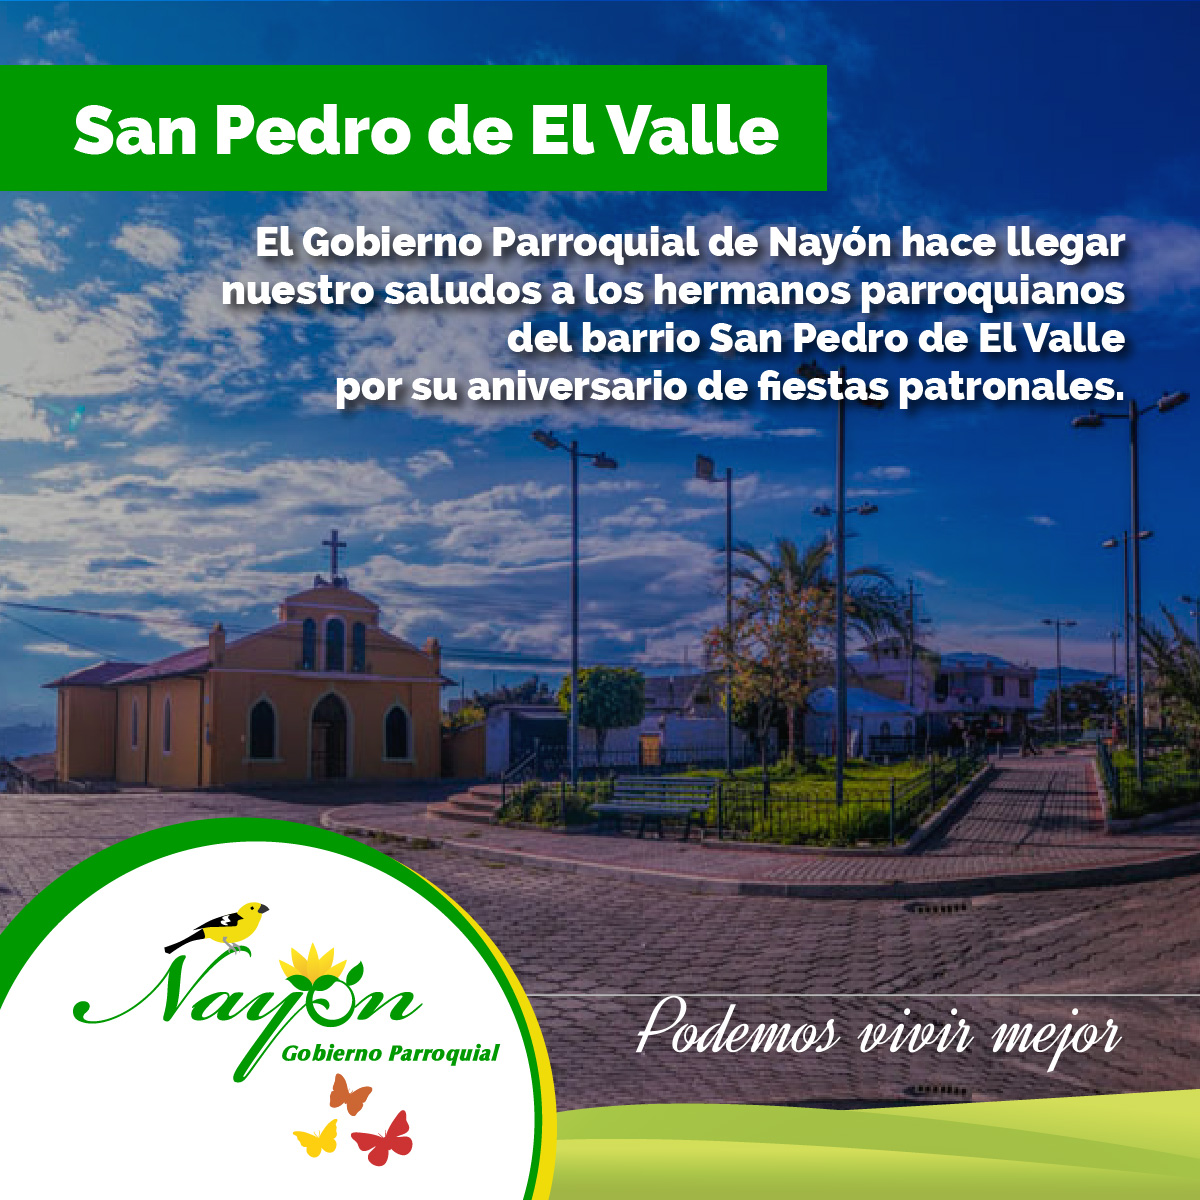 Fiestas Patronales San Pedro de El Valle